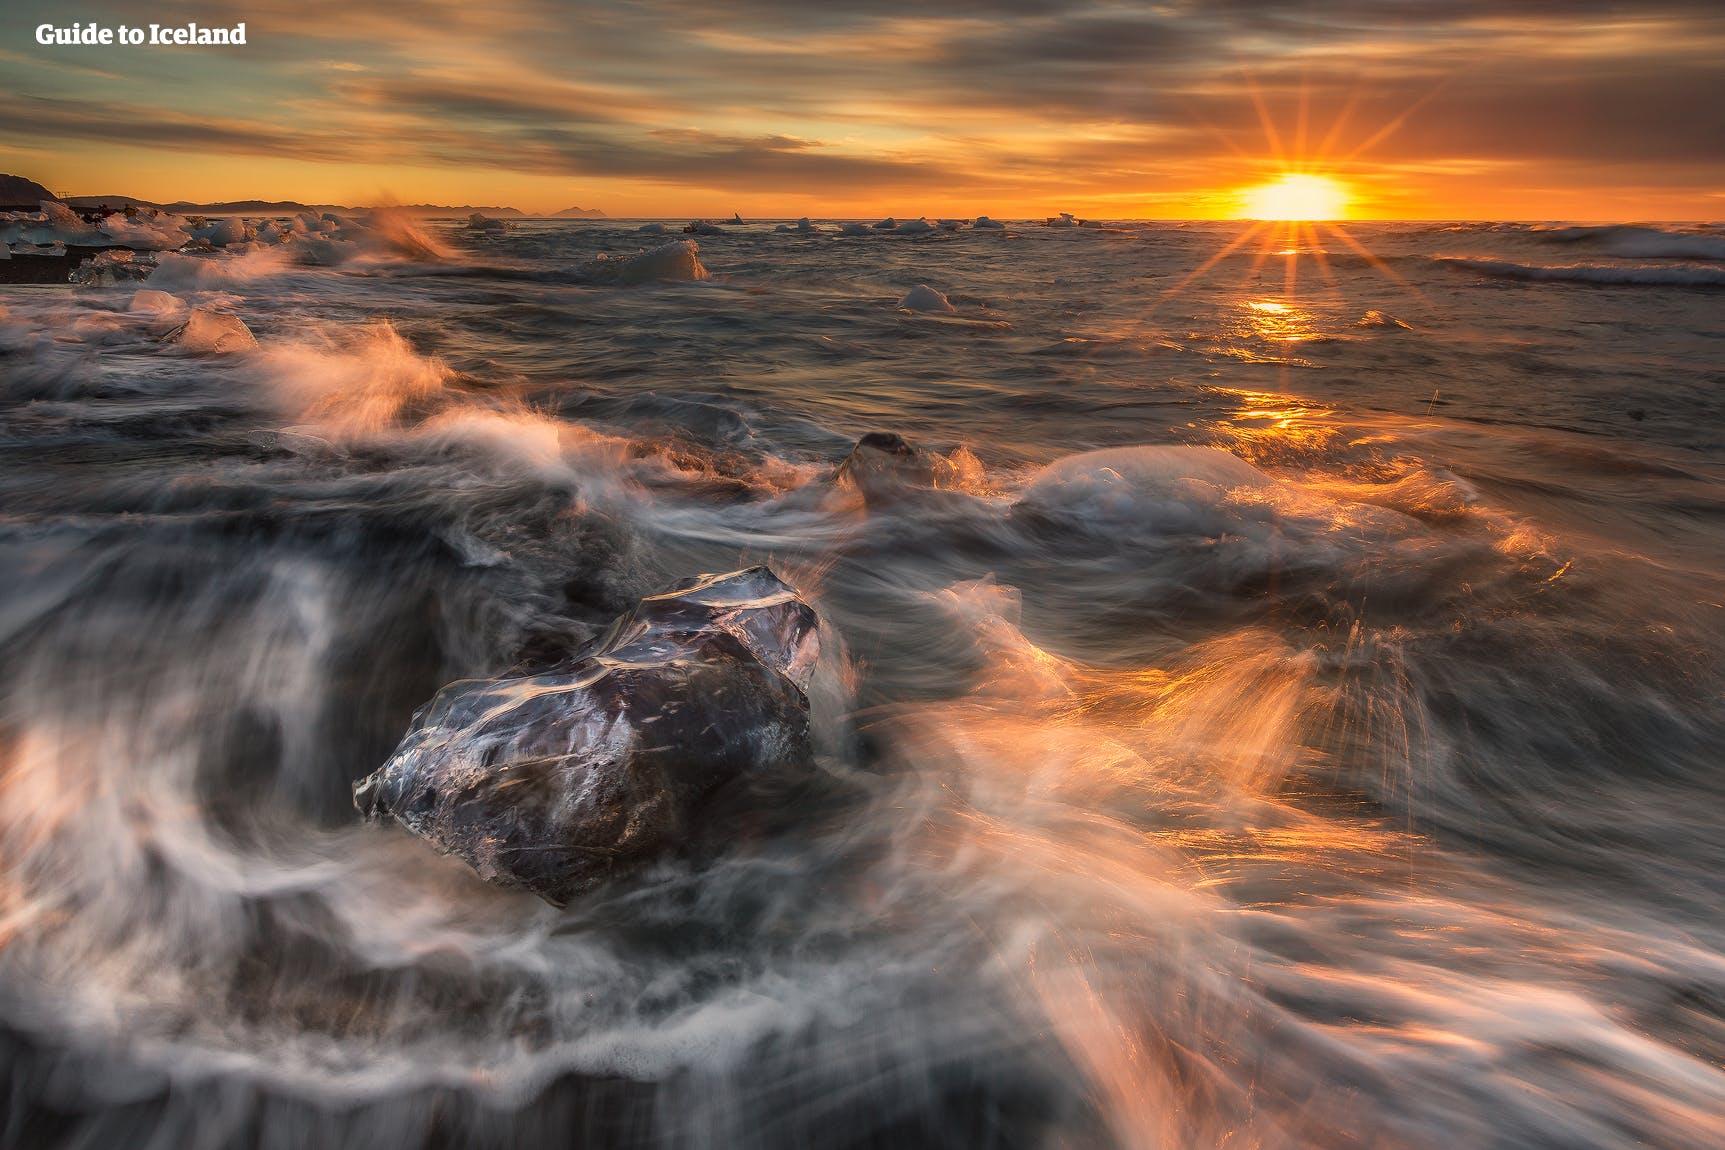 Het aantal ijsbergen dat er aanspoelt op Diamond Beach varieert van dag tot dag, afhankelijk van de getijden, de wind en andere omstandigheden.